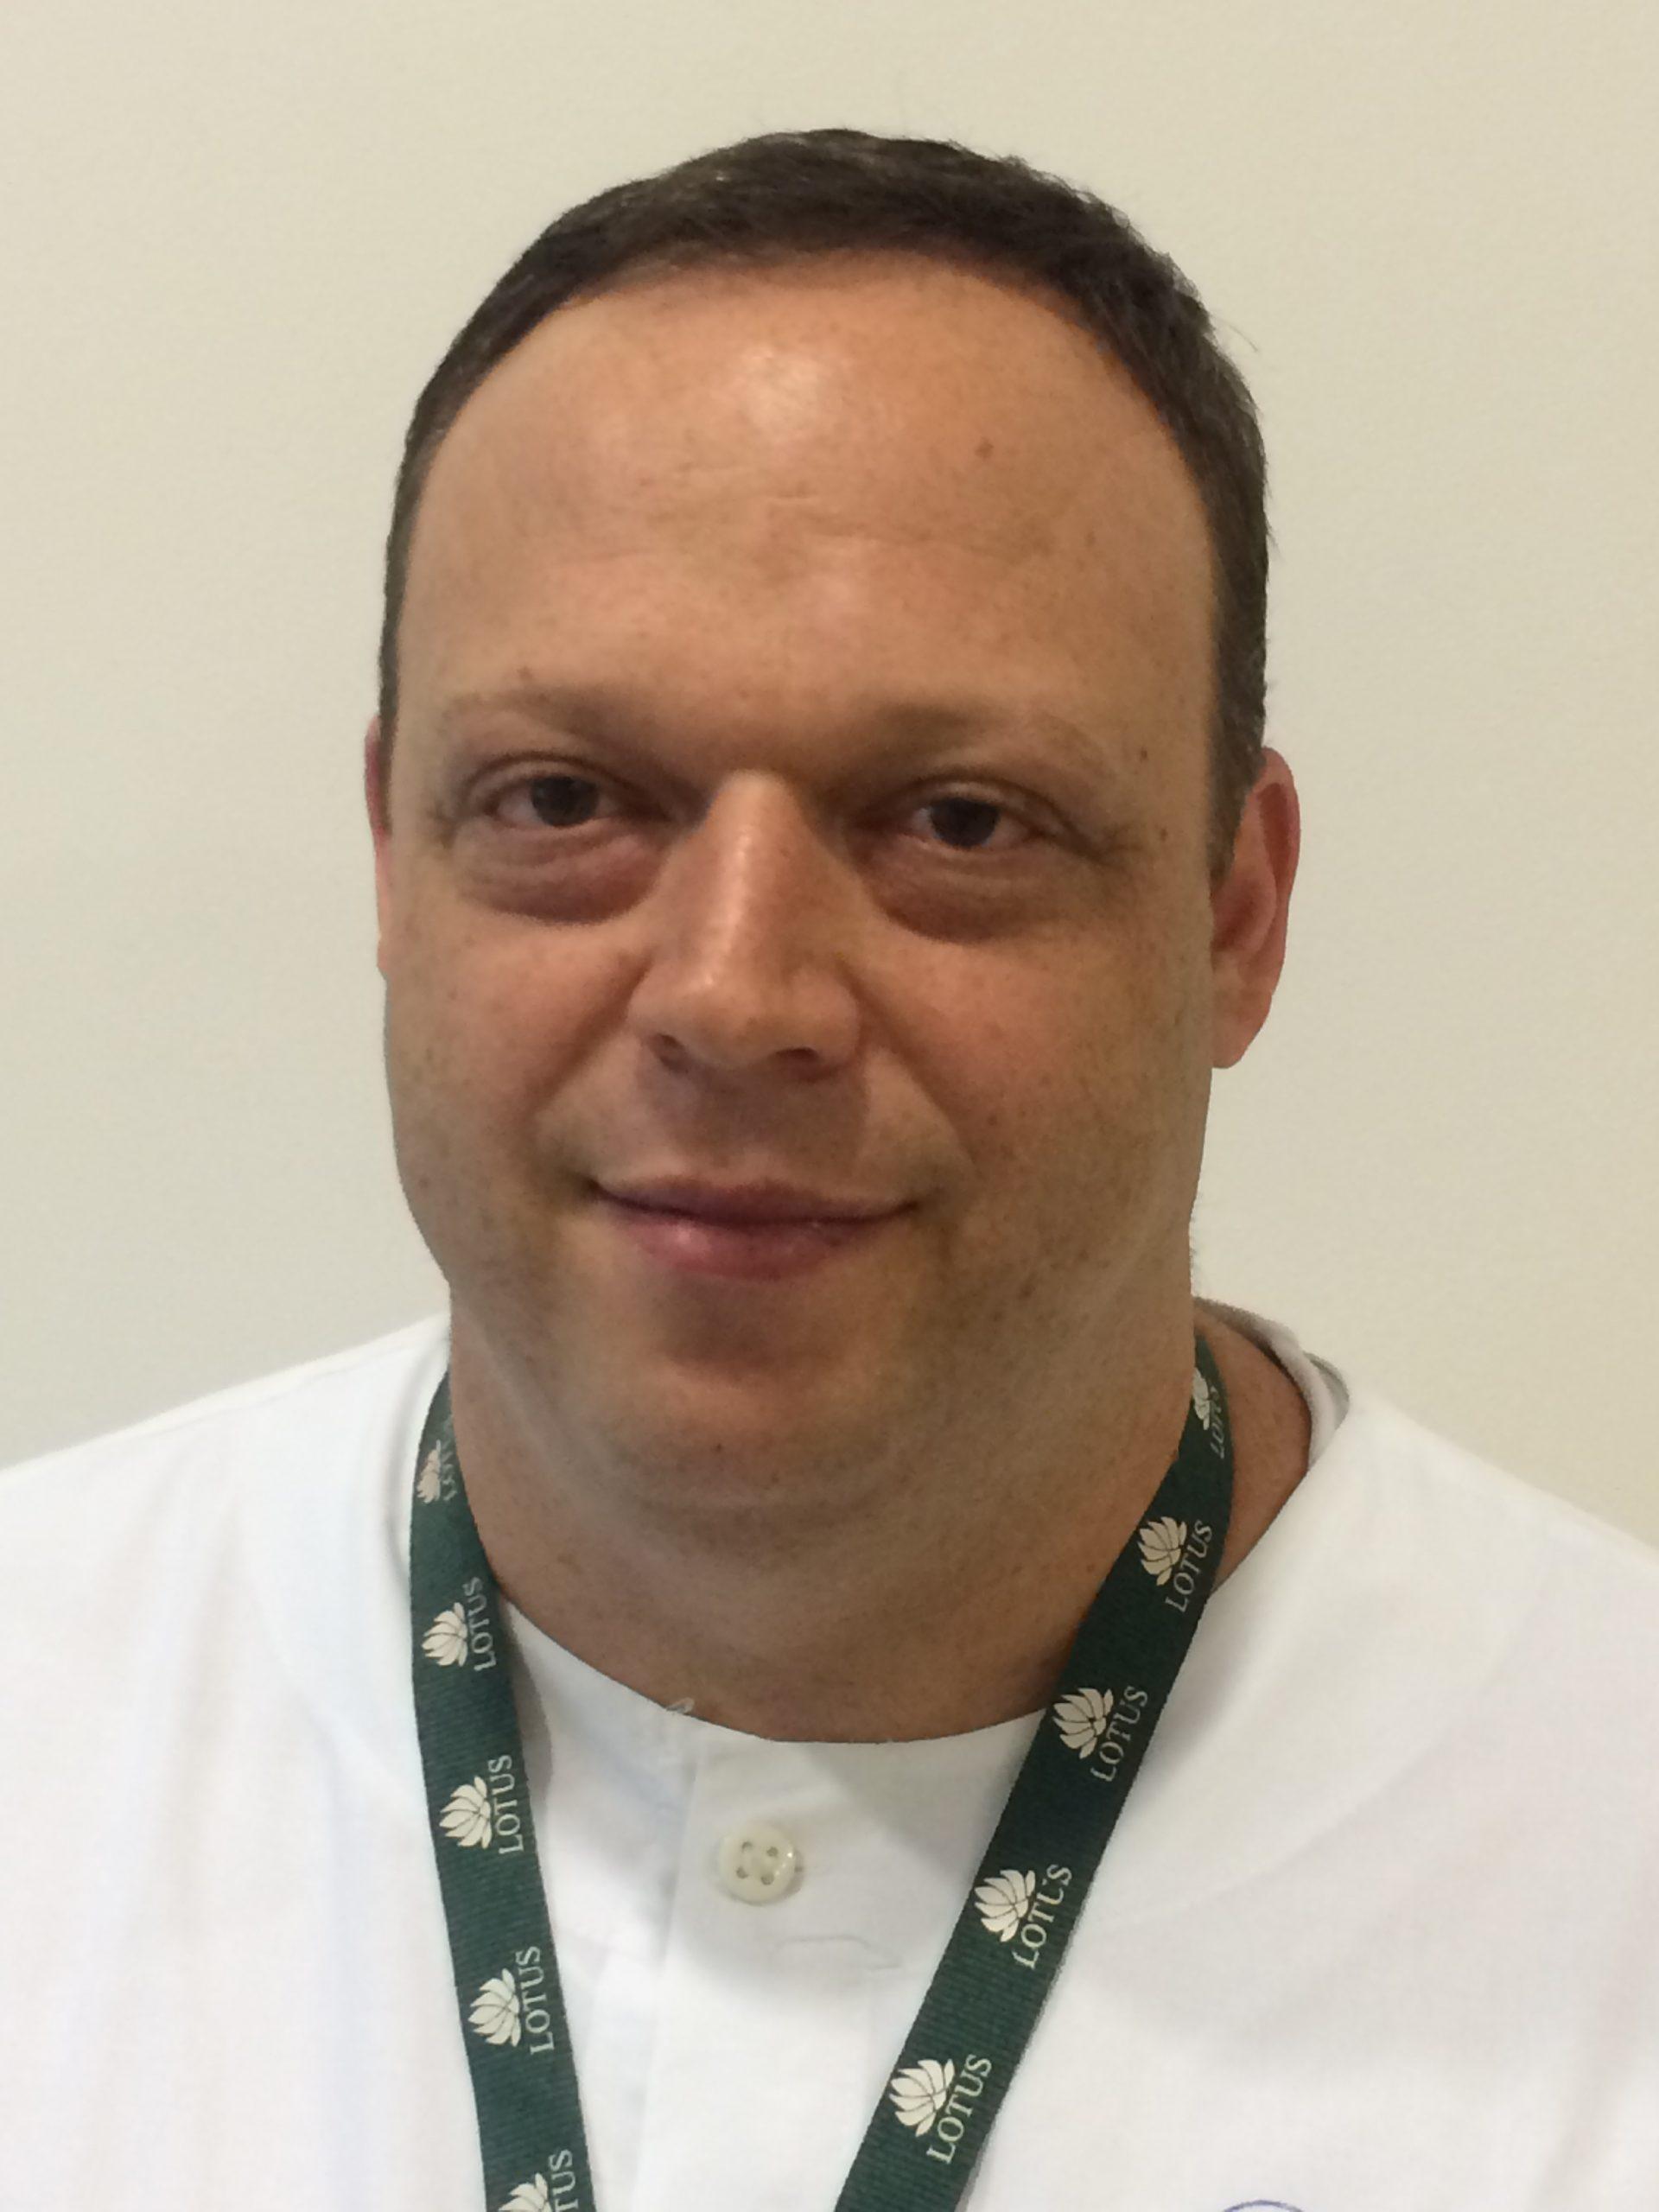 Dr. Lam Shalom